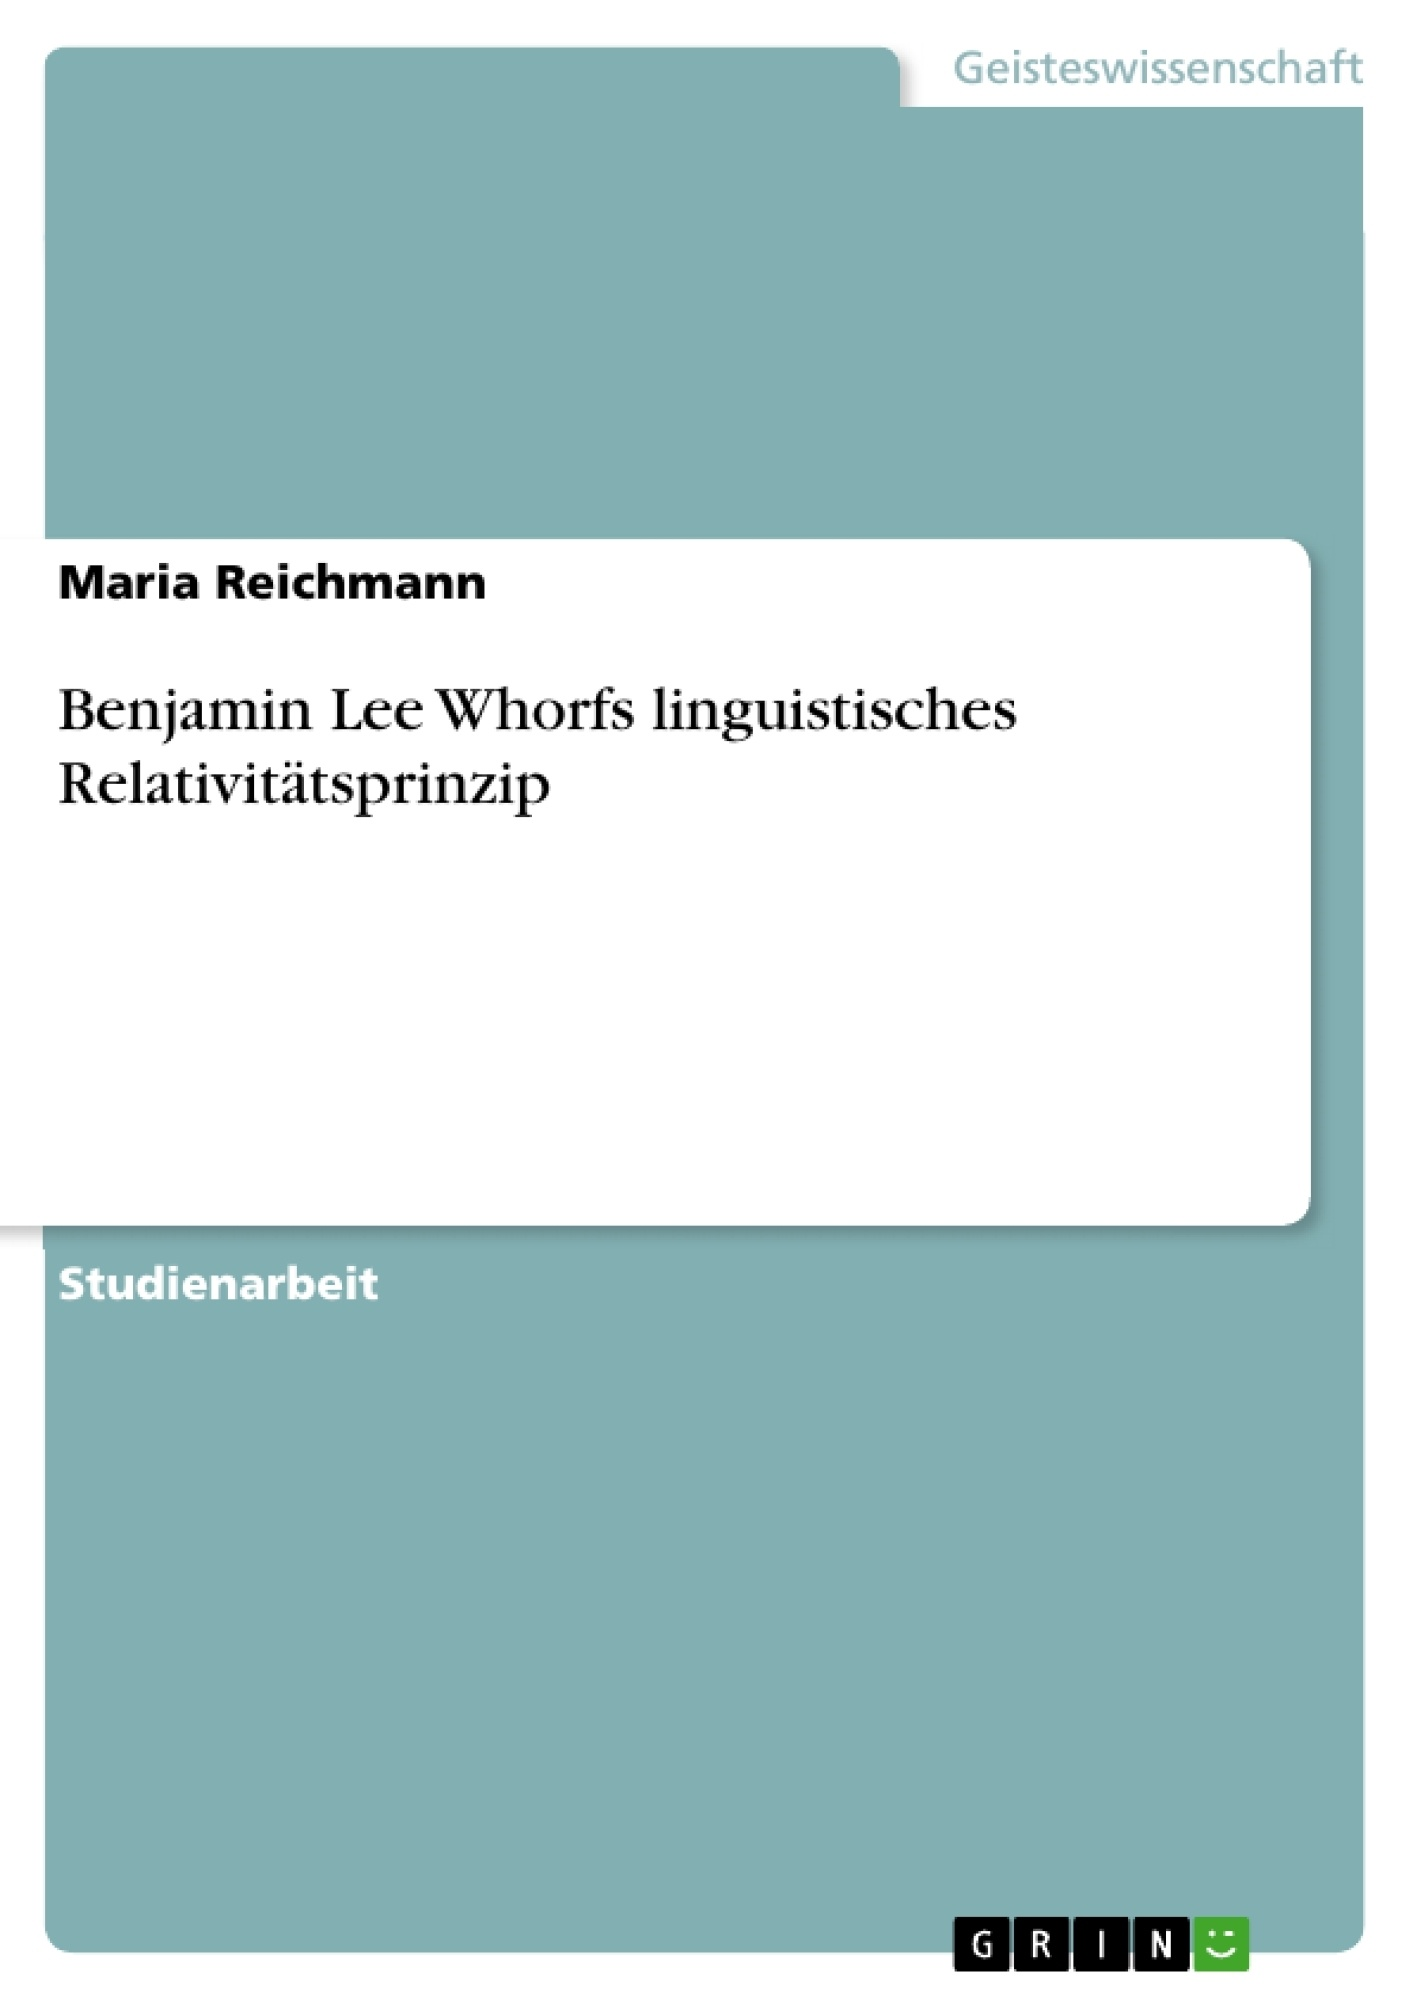 Titel: Benjamin Lee Whorfs linguistisches Relativitätsprinzip